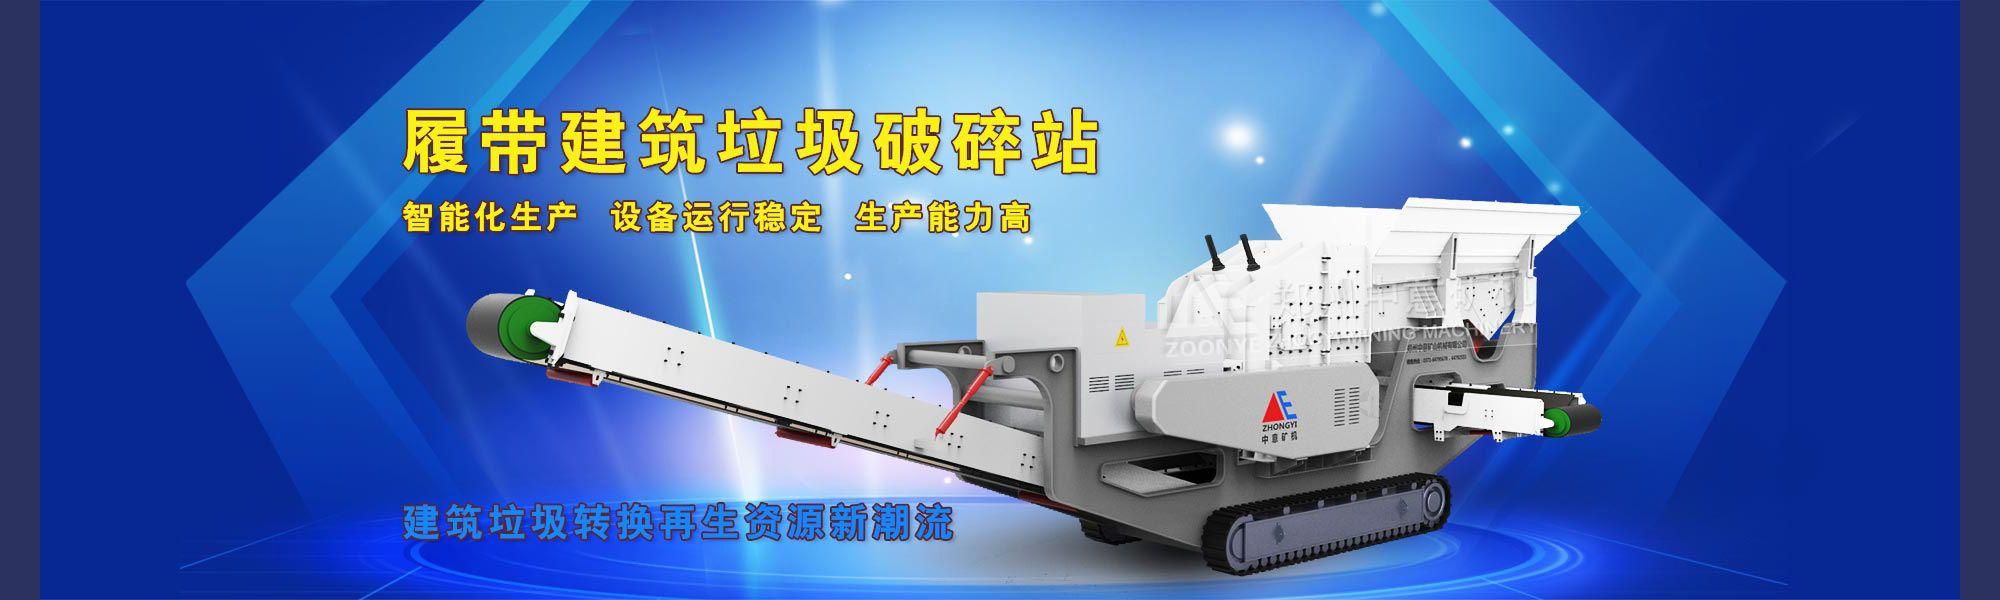 郑州中意矿山机械有限公司